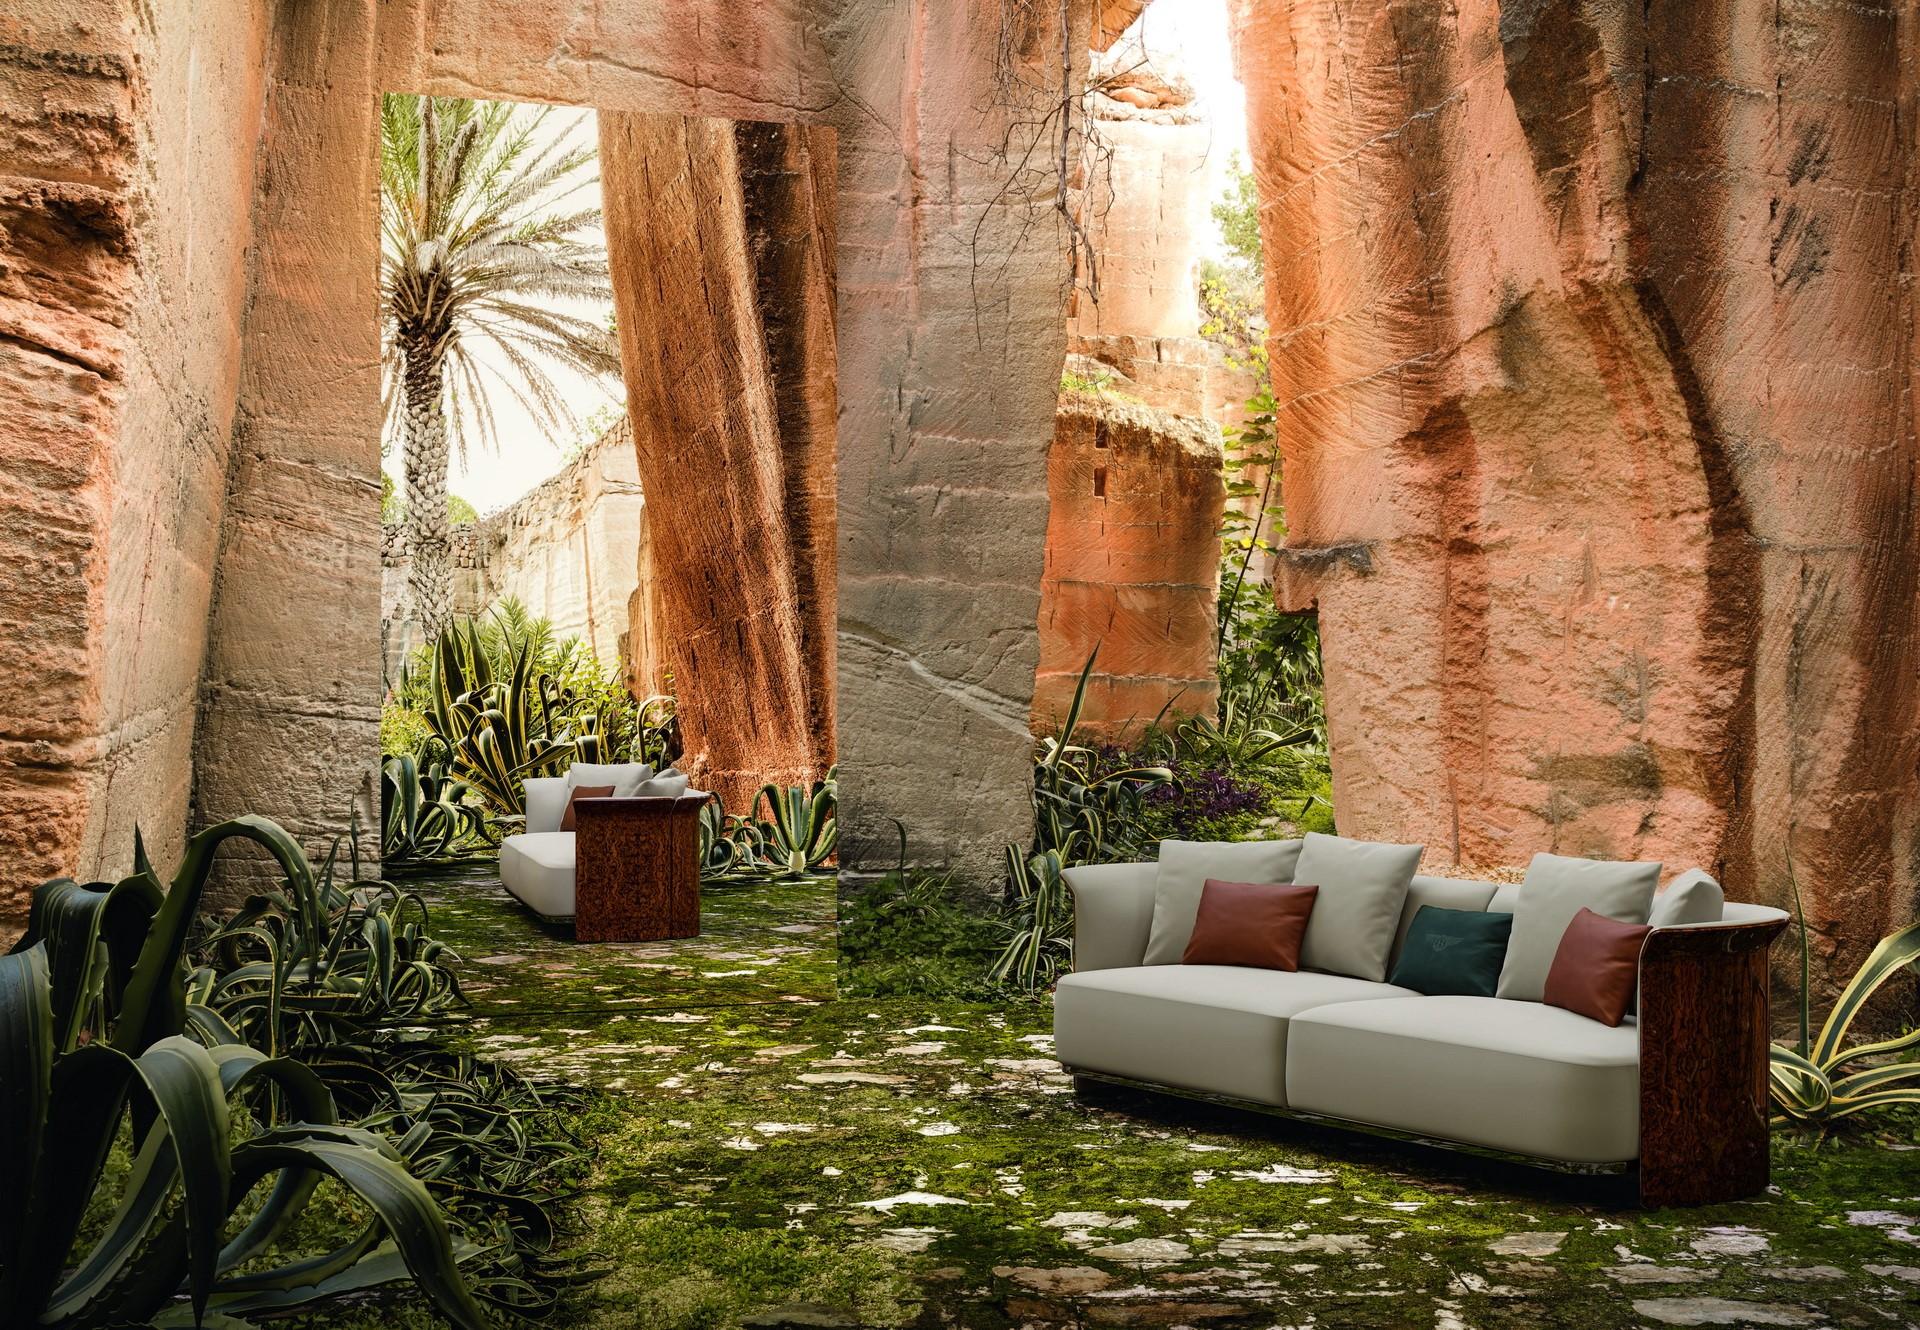 宾利(Bentley)正在出售一种配有大理石靠垫的沙发